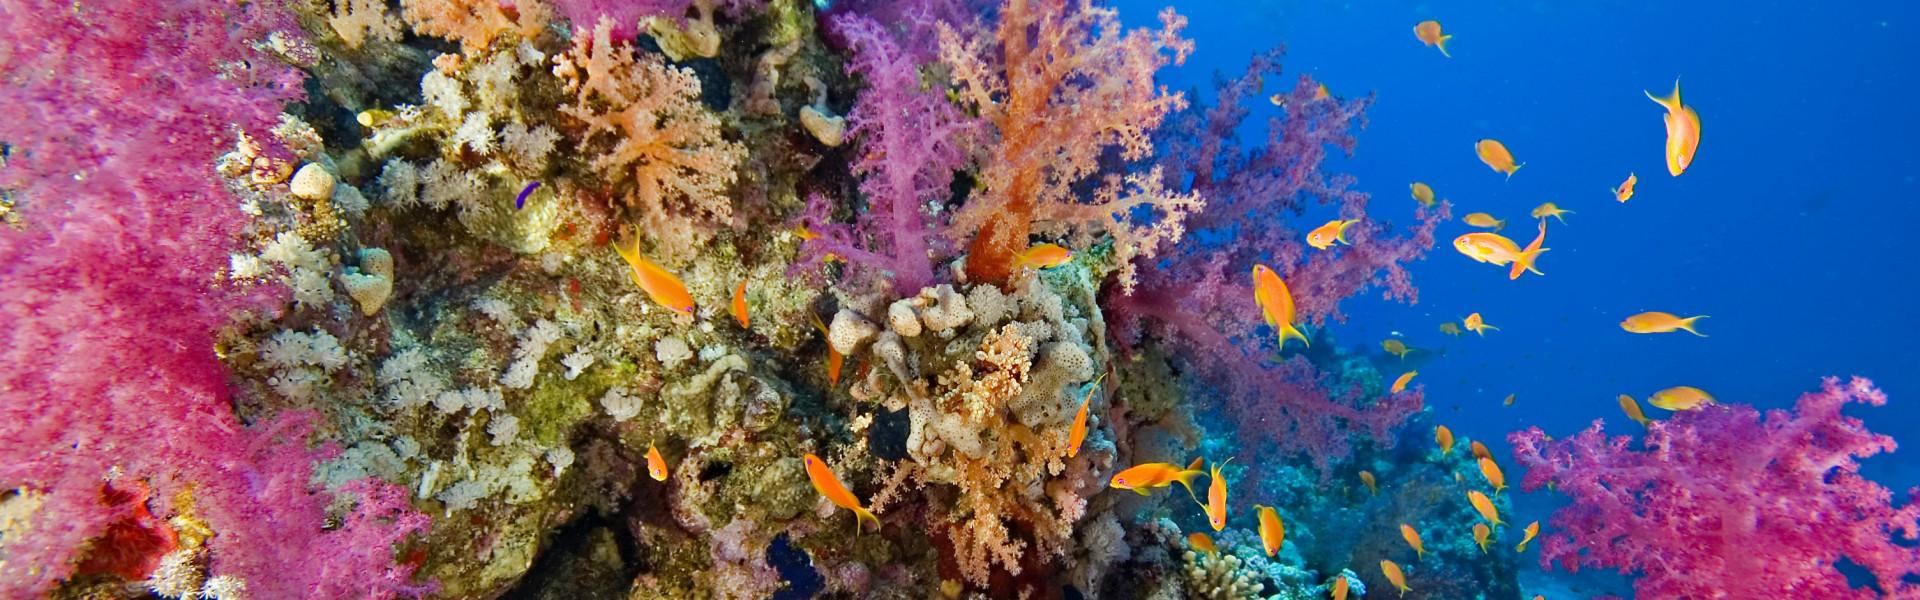 Destination image of Océan indien